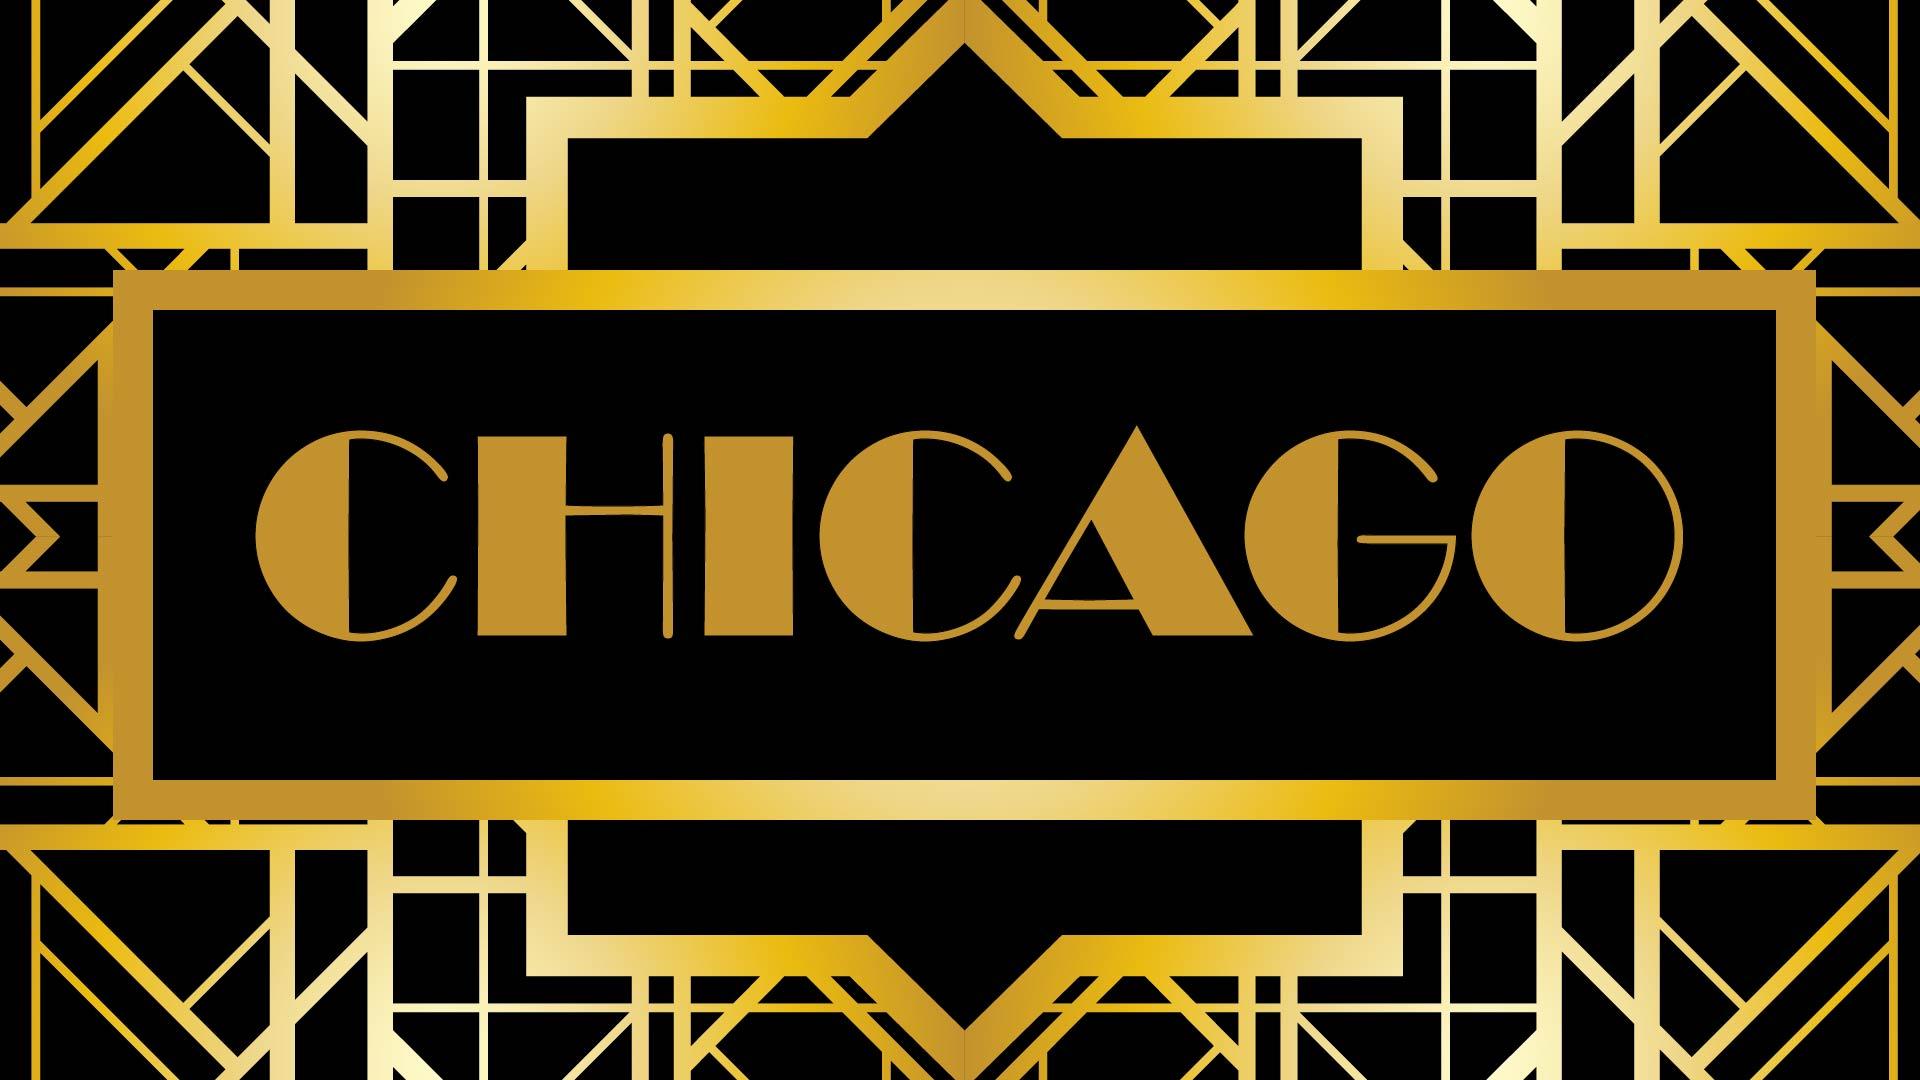 Chicago Restaurant Public Relations